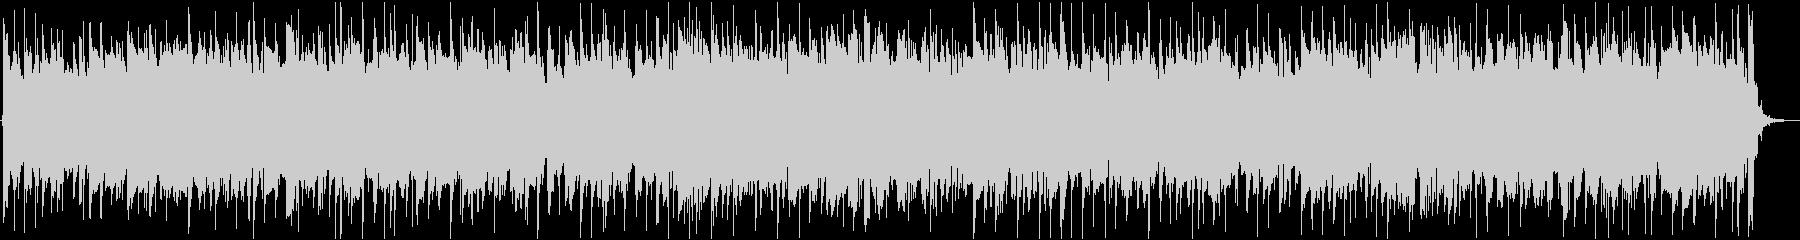 スネアの軽快なサウンドとBASSのリズムの未再生の波形